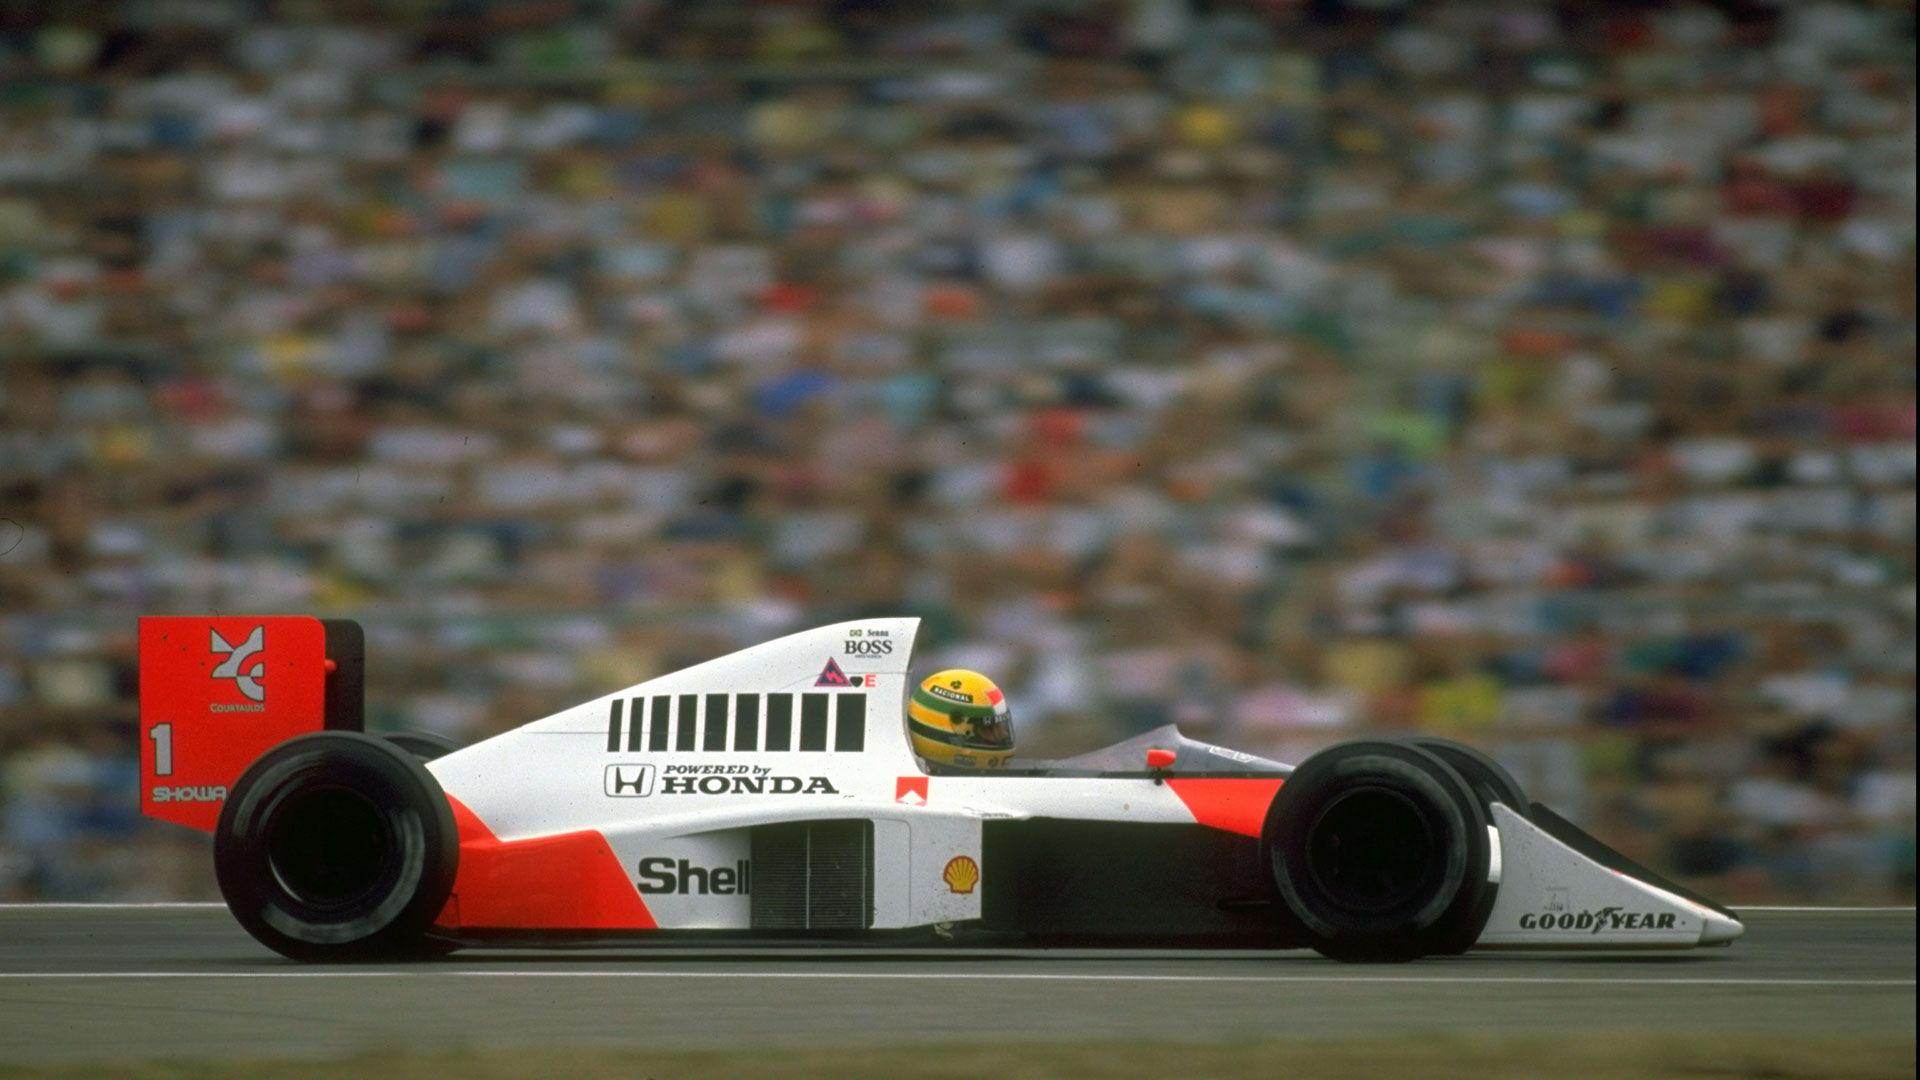 F1-Fansite.com Ayrton Senna HD Wallpapers_33.jpg